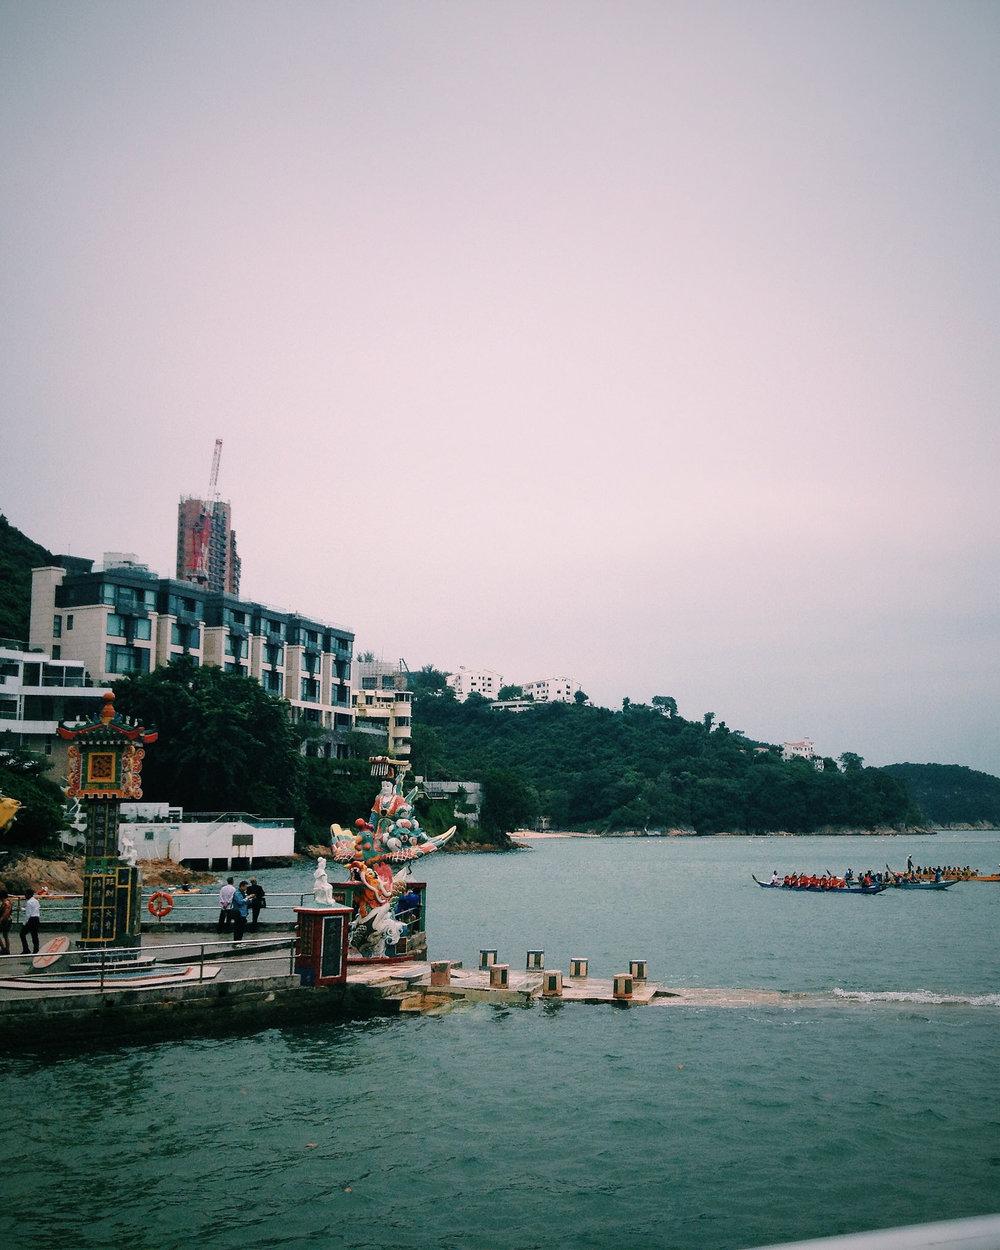 Repulse Small Boat Race, Hong Kong